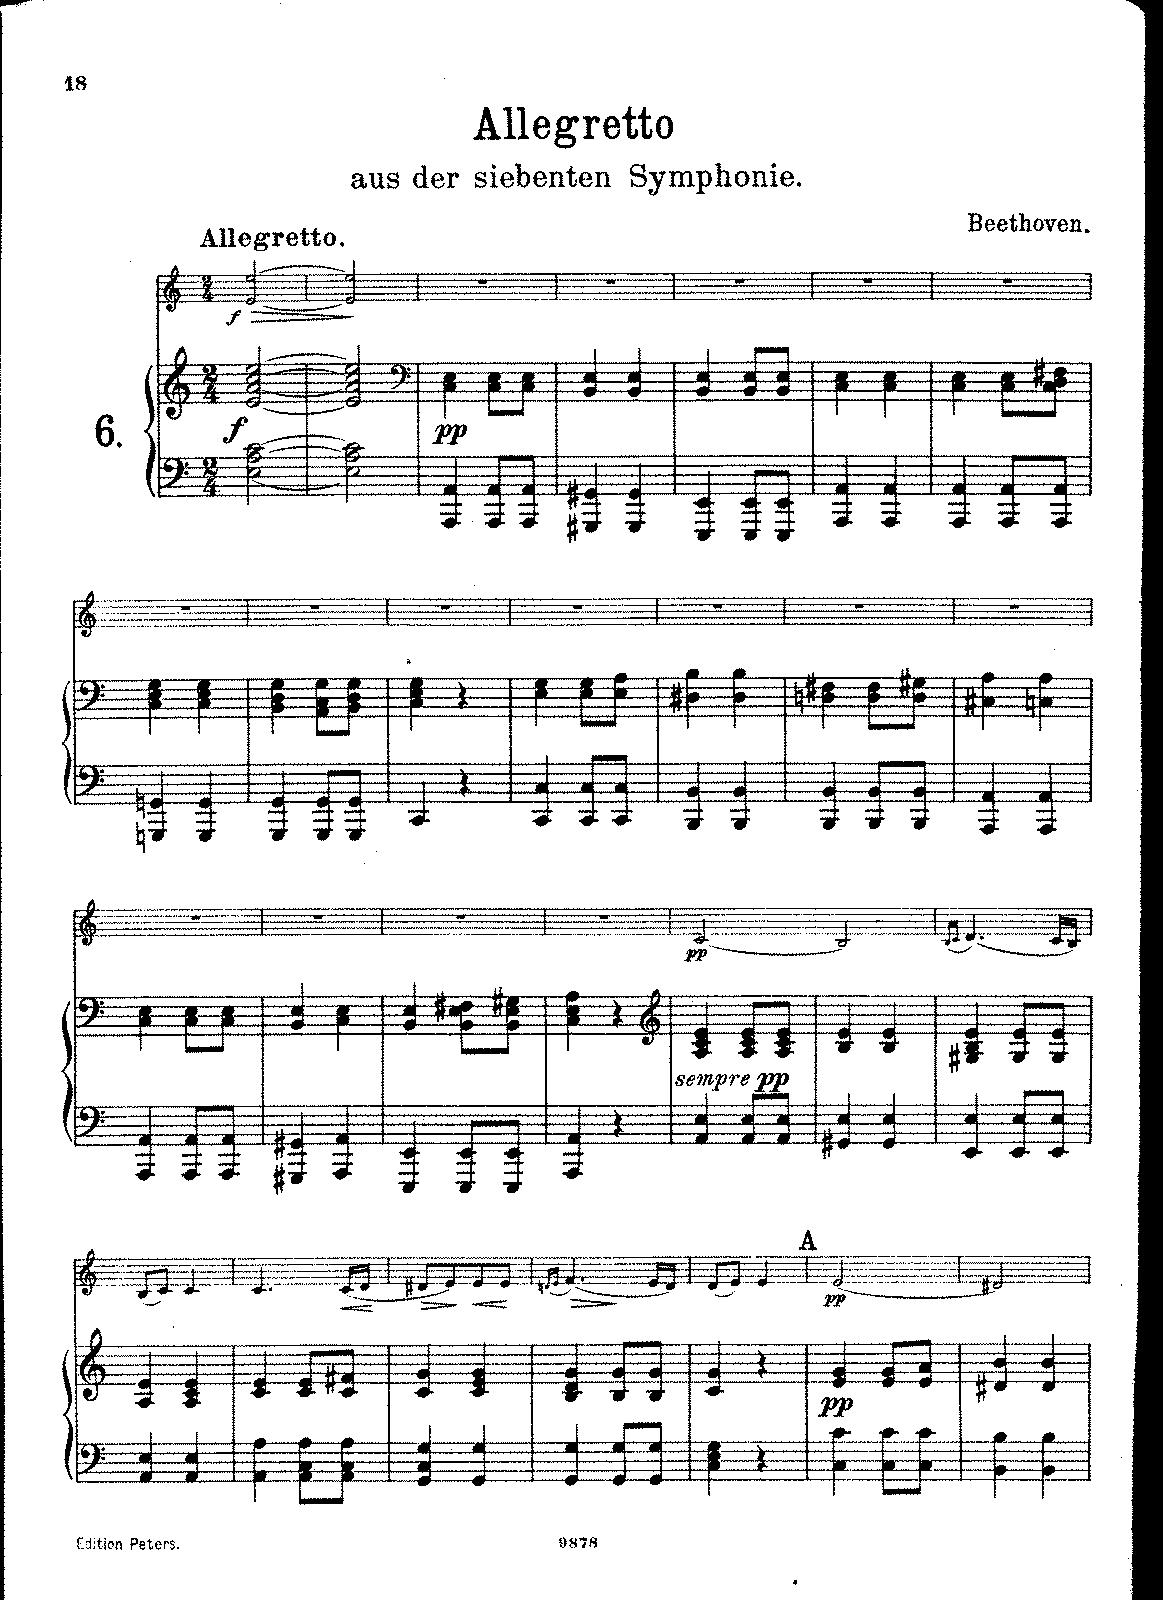 Symphony No 7, Op 92 (Beethoven, Ludwig van) - IMSLP/Petrucci Music